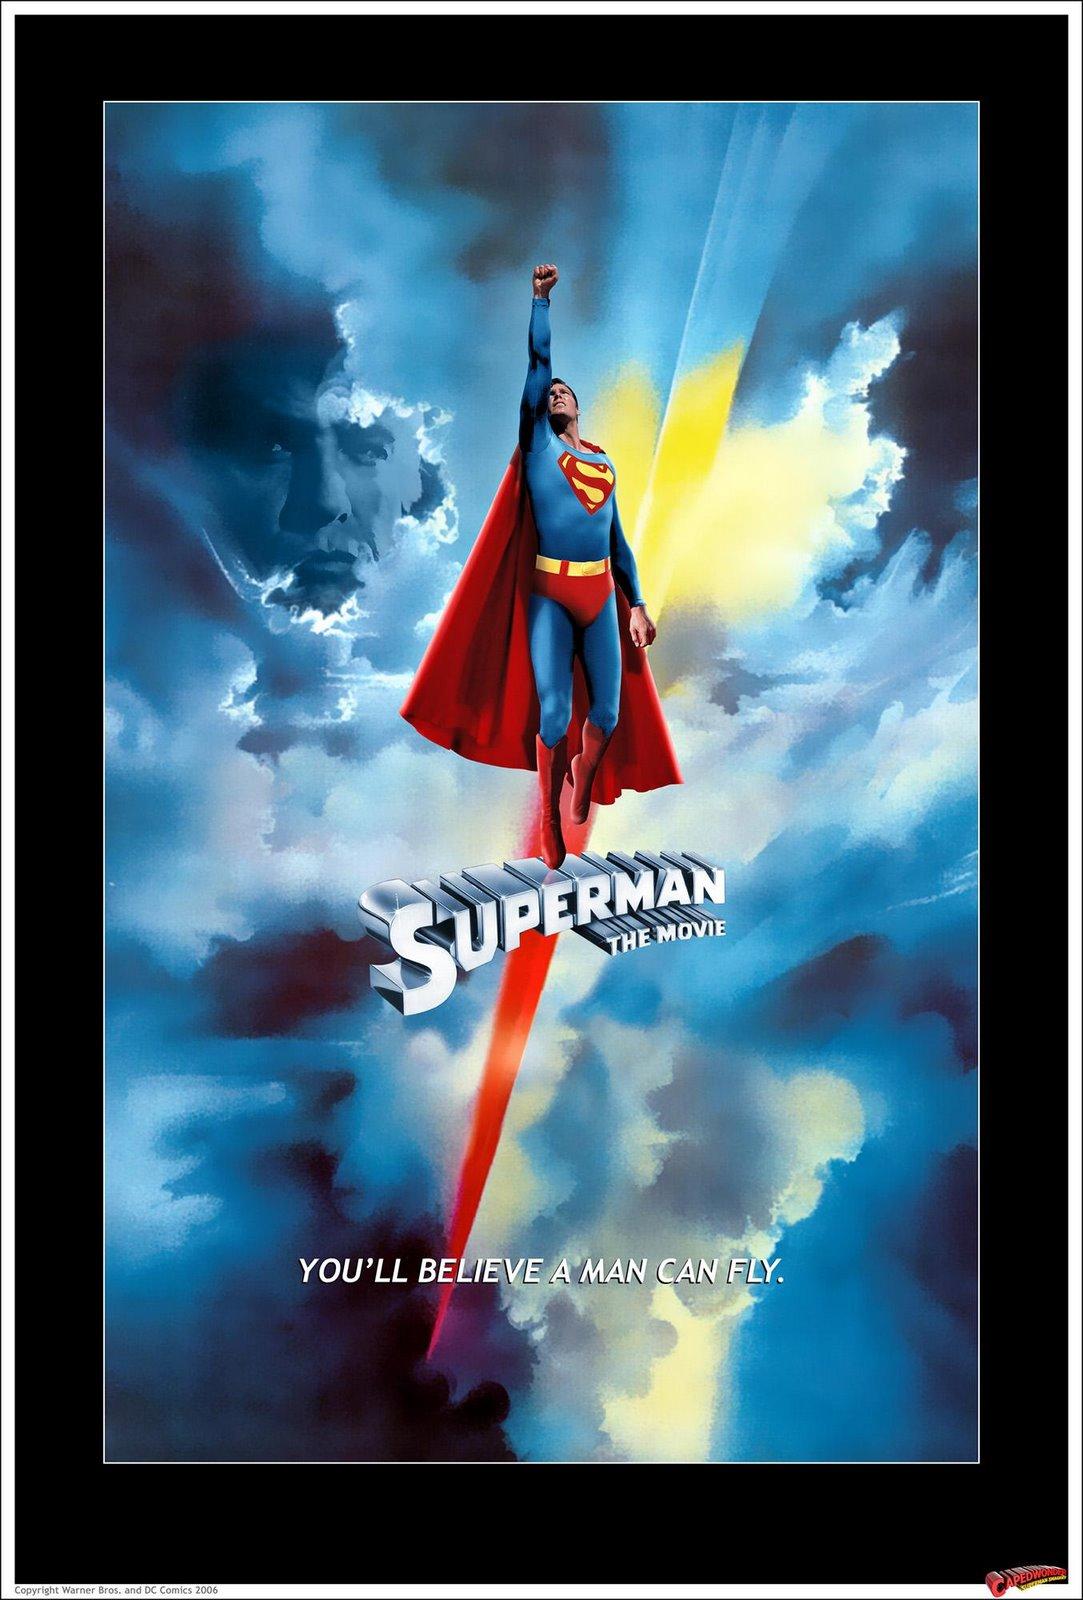 http://2.bp.blogspot.com/_5H7TCVTWfFc/TUC_yy9mY_I/AAAAAAAAAA0/UXQTMDx0B9E/s1600/Superman-poster%25234.jpg